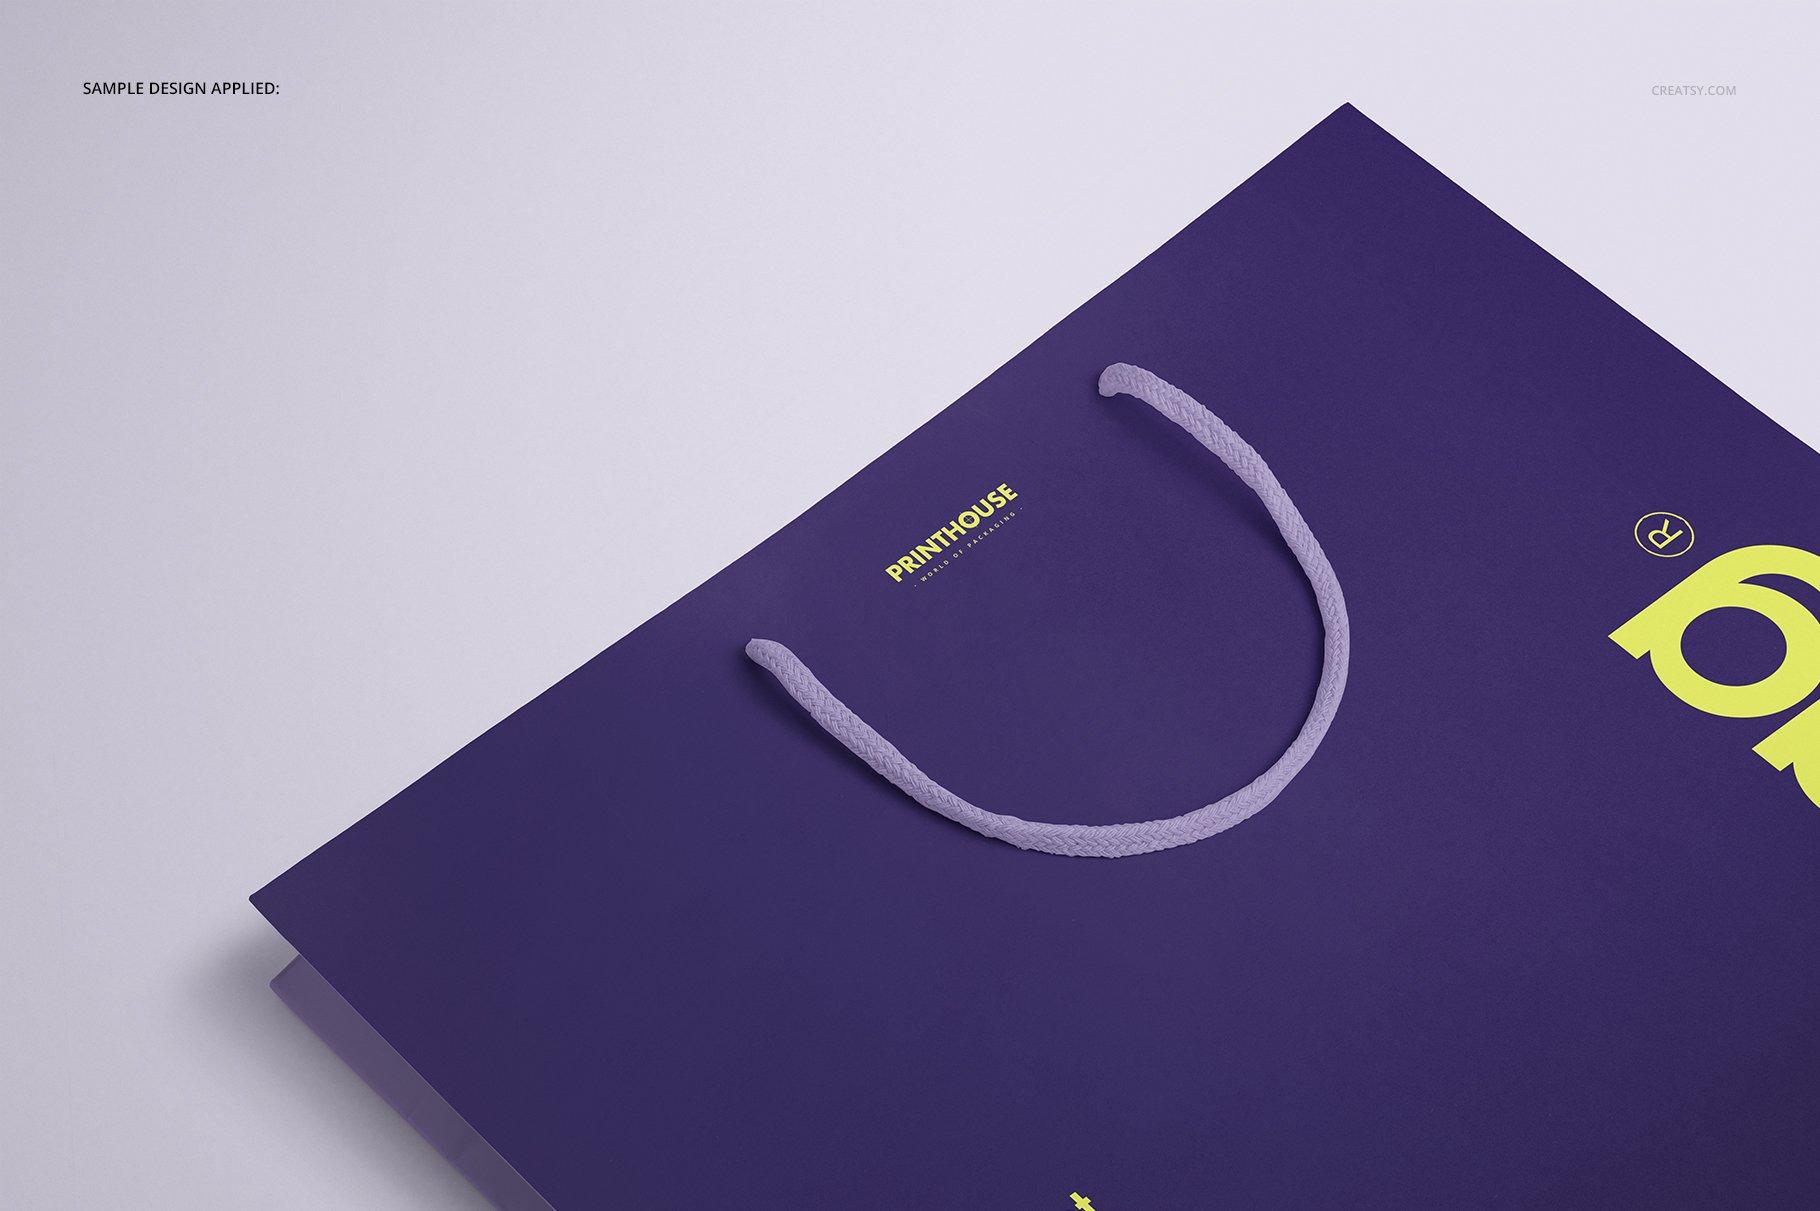 极简购物手提纸袋设计展示贴图样机PS设计素材 Eurotote Bag Mockup Set 1插图(8)